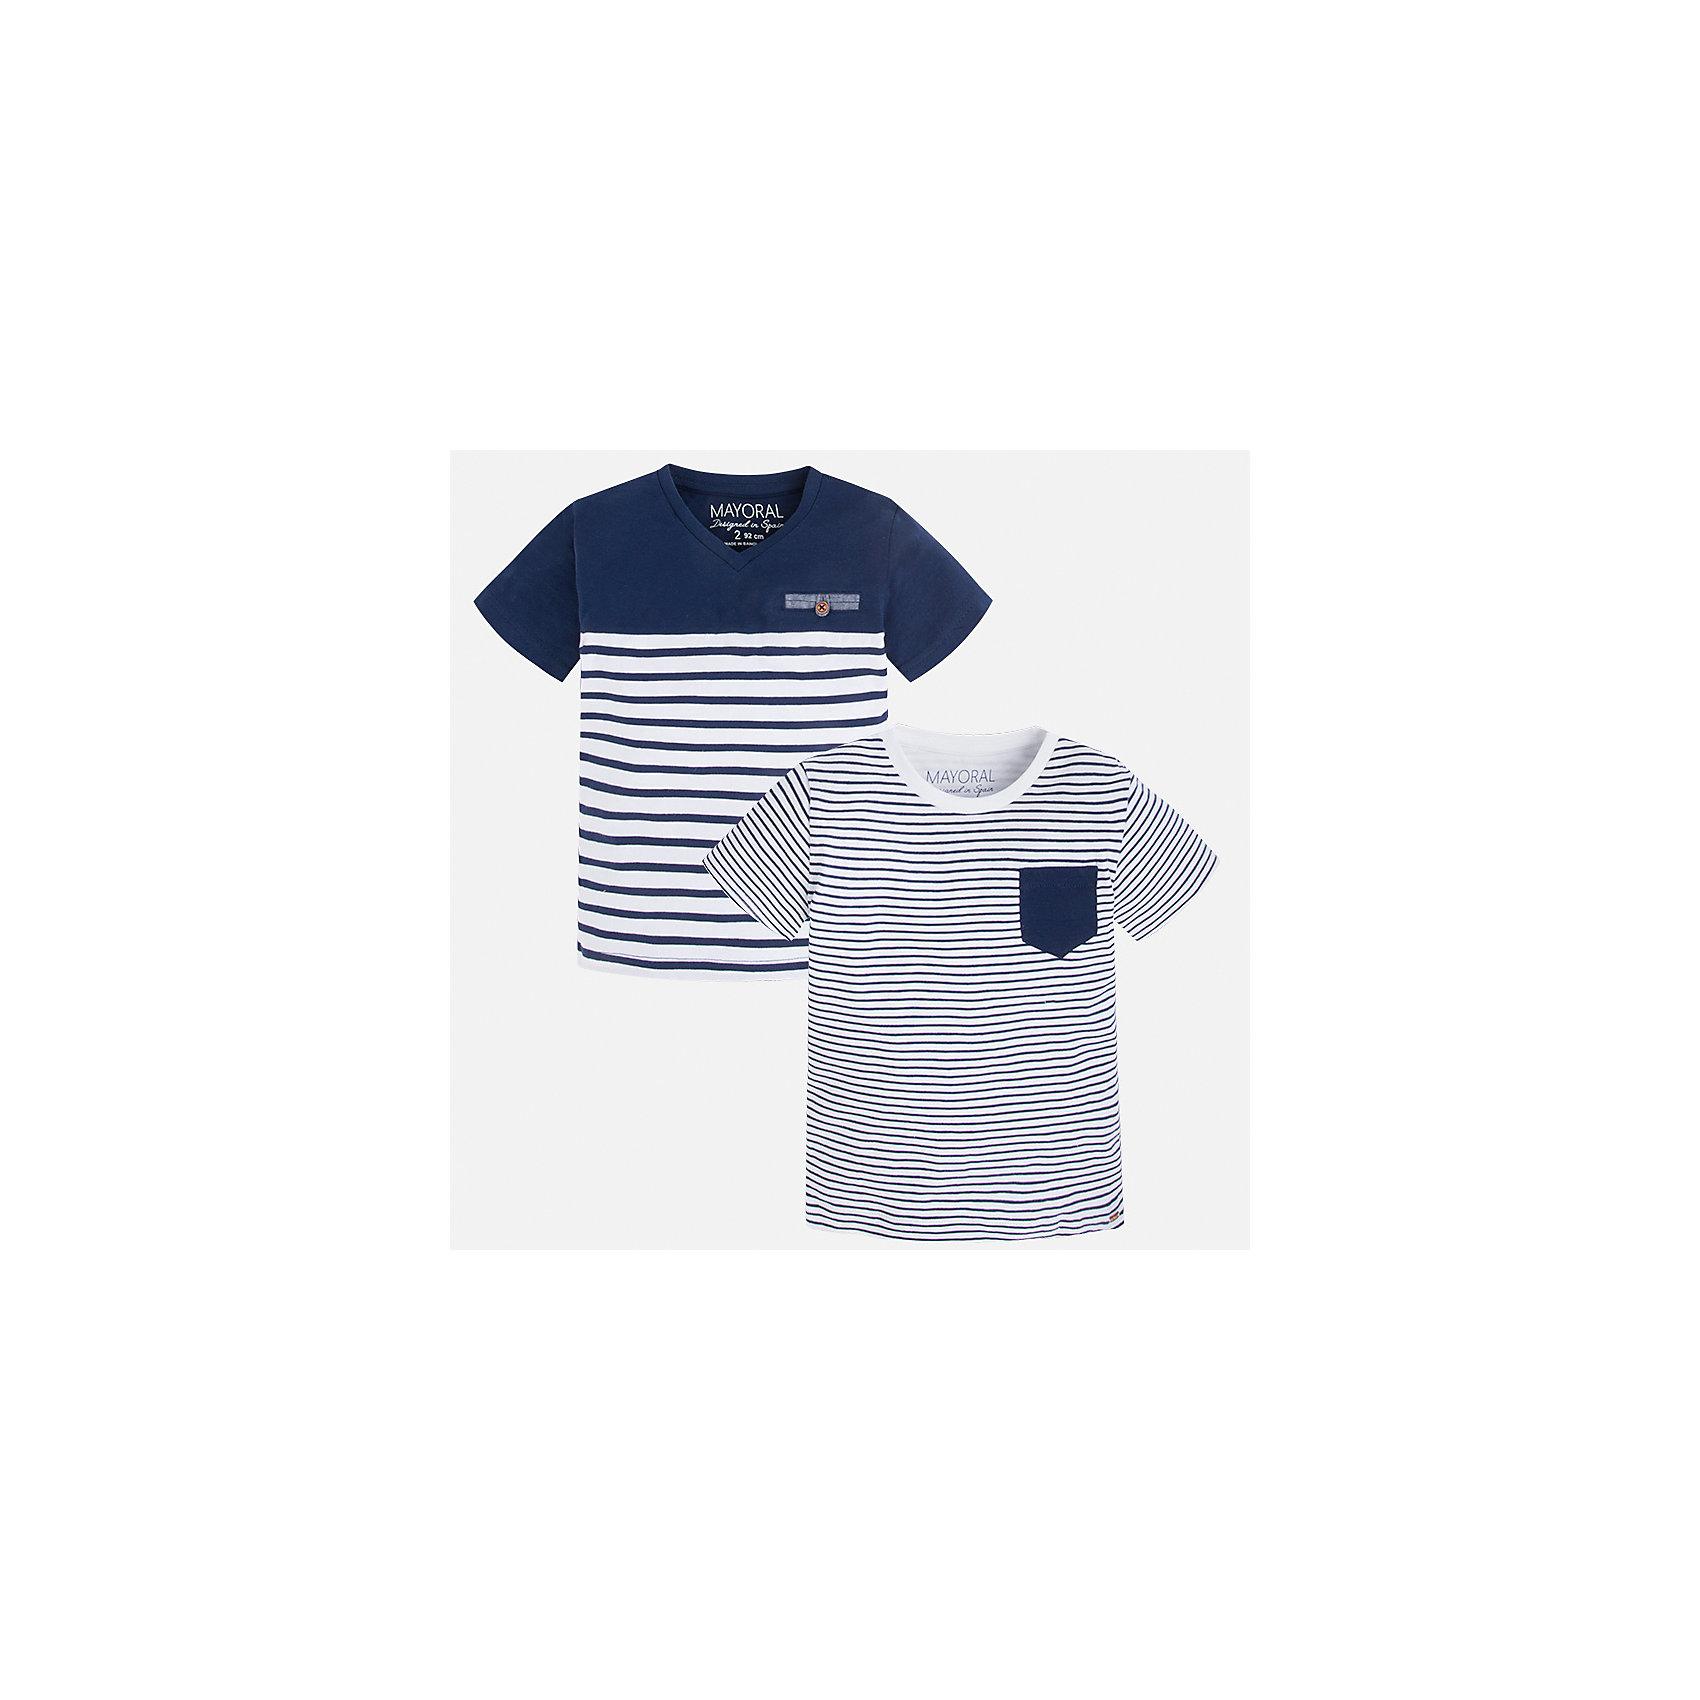 Футболка (2 шт.) для мальчика MayoralПолоска<br>Характеристики товара:<br><br>• цвет: белый/синий<br>• состав: 100% хлопок<br>• комплектация: 2 шт<br>• декорированы кармашком на груди<br>• короткие рукава<br>• отделка горловины<br>• страна бренда: Испания<br><br>Модная удобная футболка с принтом поможет разнообразить гардероб мальчика. Она отлично сочетается с брюками, шортами, джинсами. Универсальный крой и цвет позволяет подобрать к вещи низ разных расцветок. Практичное и стильное изделие! Хорошо смотрится и комфортно сидит на детях. В составе материала - только натуральный хлопок, гипоаллергенный, приятный на ощупь, дышащий. <br><br>Одежда, обувь и аксессуары от испанского бренда Mayoral полюбились детям и взрослым по всему миру. Модели этой марки - стильные и удобные. Для их производства используются только безопасные, качественные материалы и фурнитура. Порадуйте ребенка модными и красивыми вещами от Mayoral! <br><br>Футболку (2 шт.) для мальчика от испанского бренда Mayoral (Майорал) можно купить в нашем интернет-магазине.<br><br>Ширина мм: 199<br>Глубина мм: 10<br>Высота мм: 161<br>Вес г: 151<br>Цвет: синий<br>Возраст от месяцев: 84<br>Возраст до месяцев: 96<br>Пол: Мужской<br>Возраст: Детский<br>Размер: 128,92,110,134,122,104,98,116<br>SKU: 5279935